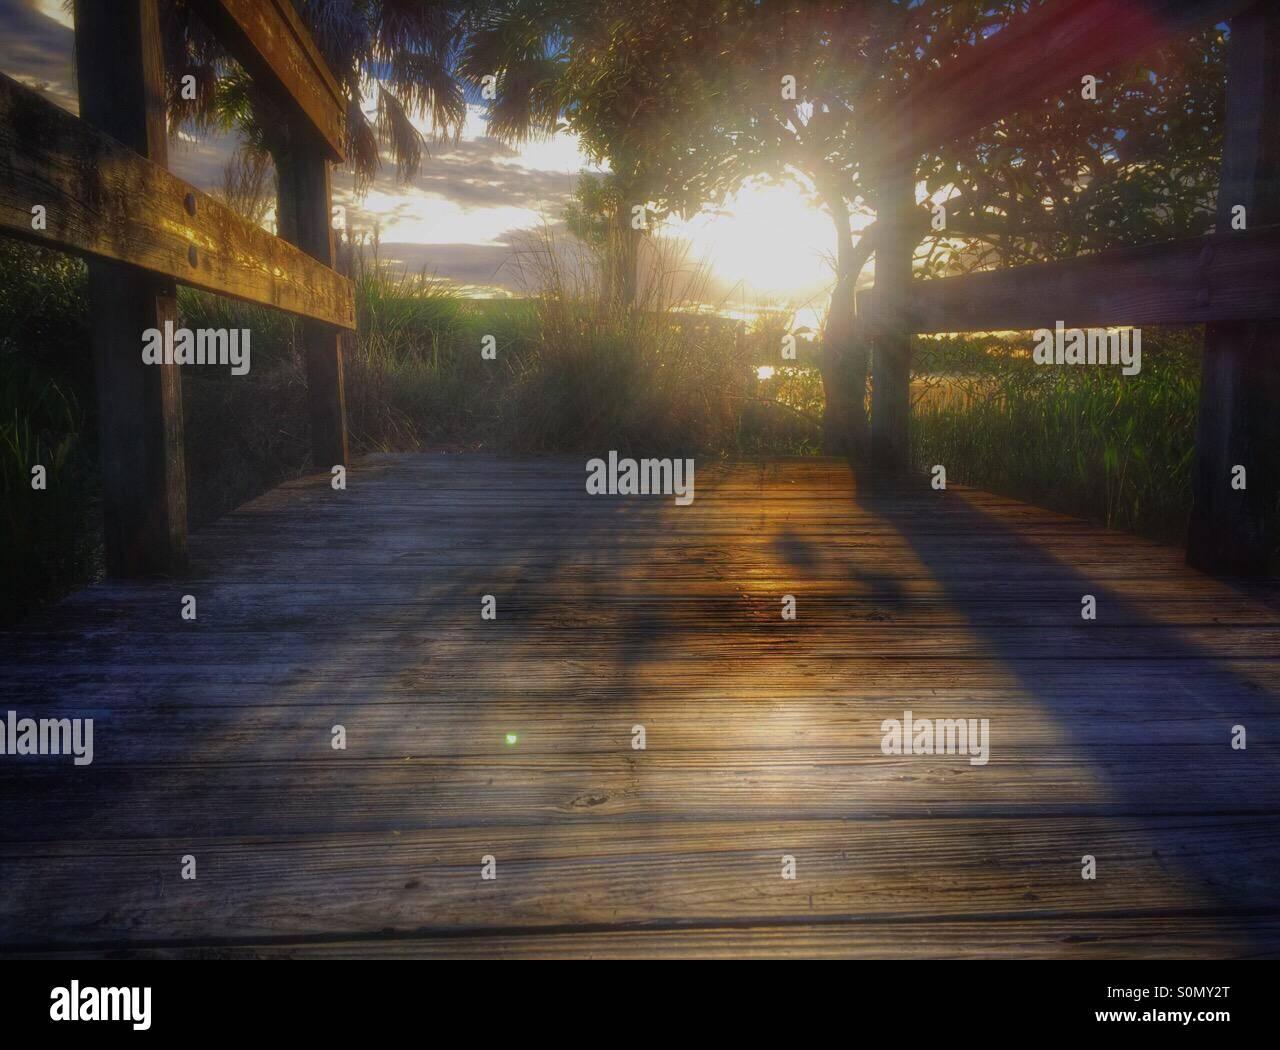 Ver el sol caer,es onu motivo que alegra el corazón Immagini Stock